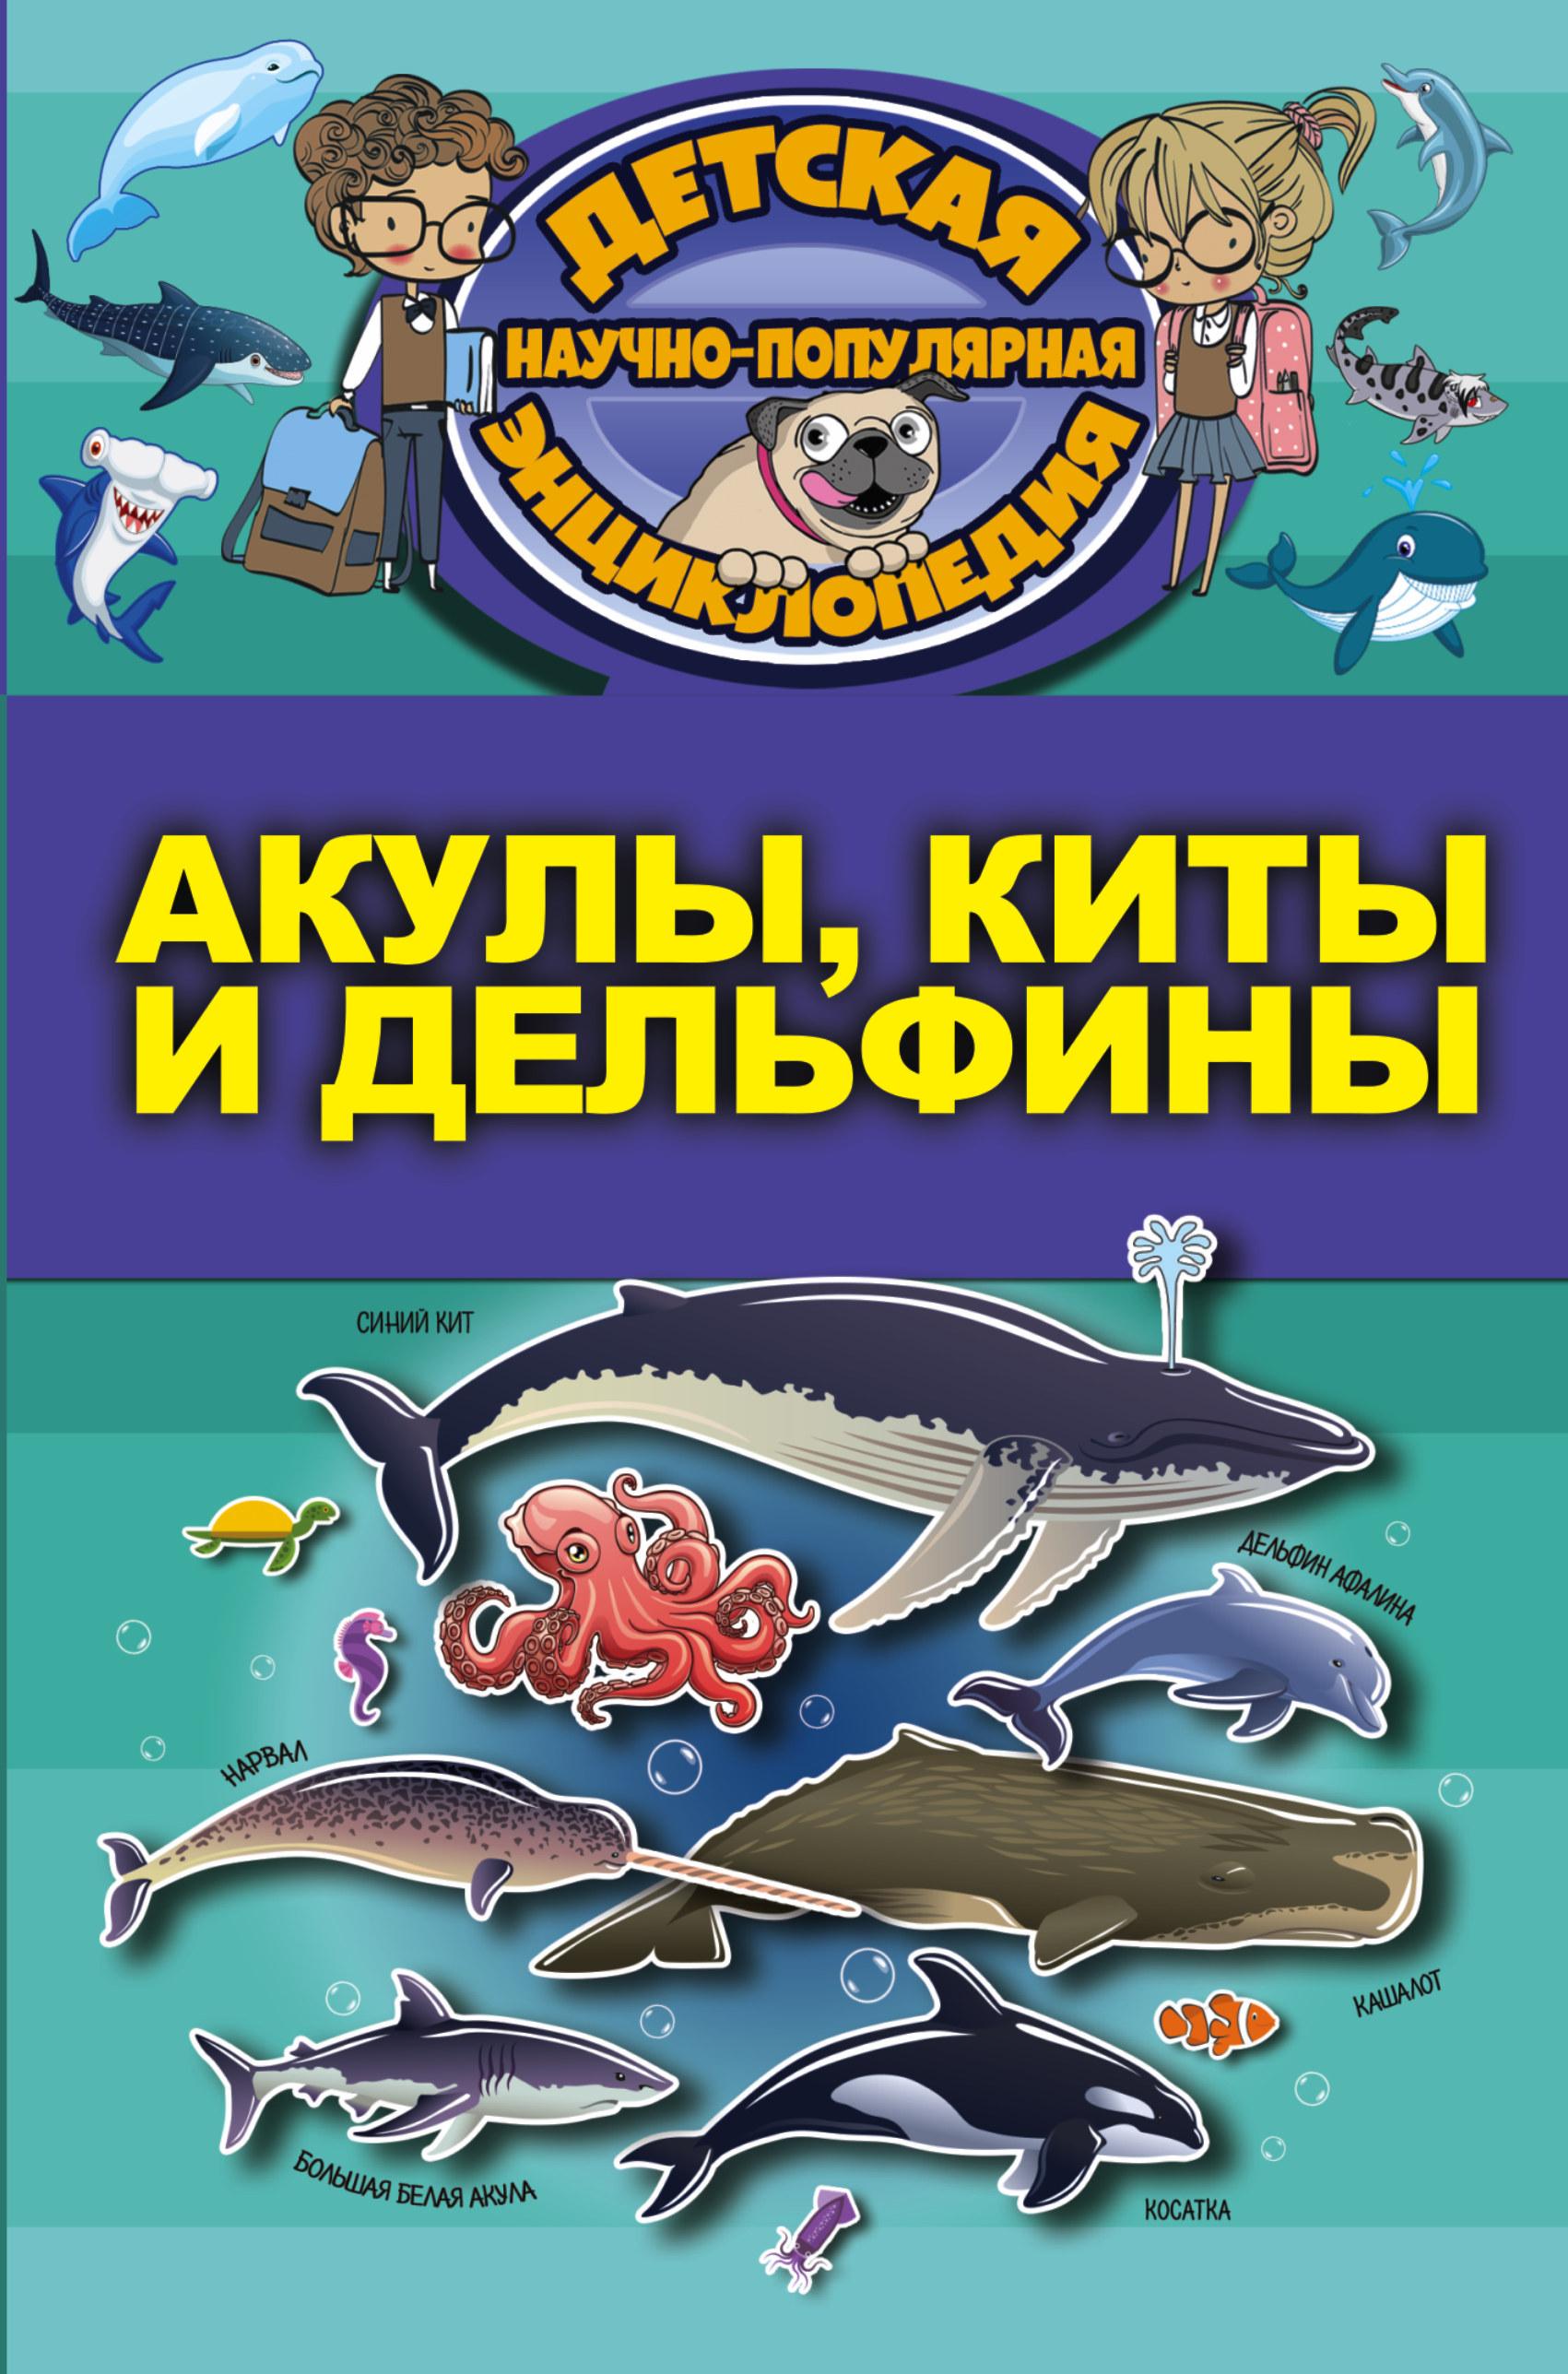 Акулы, киты, дельфины ( .  )